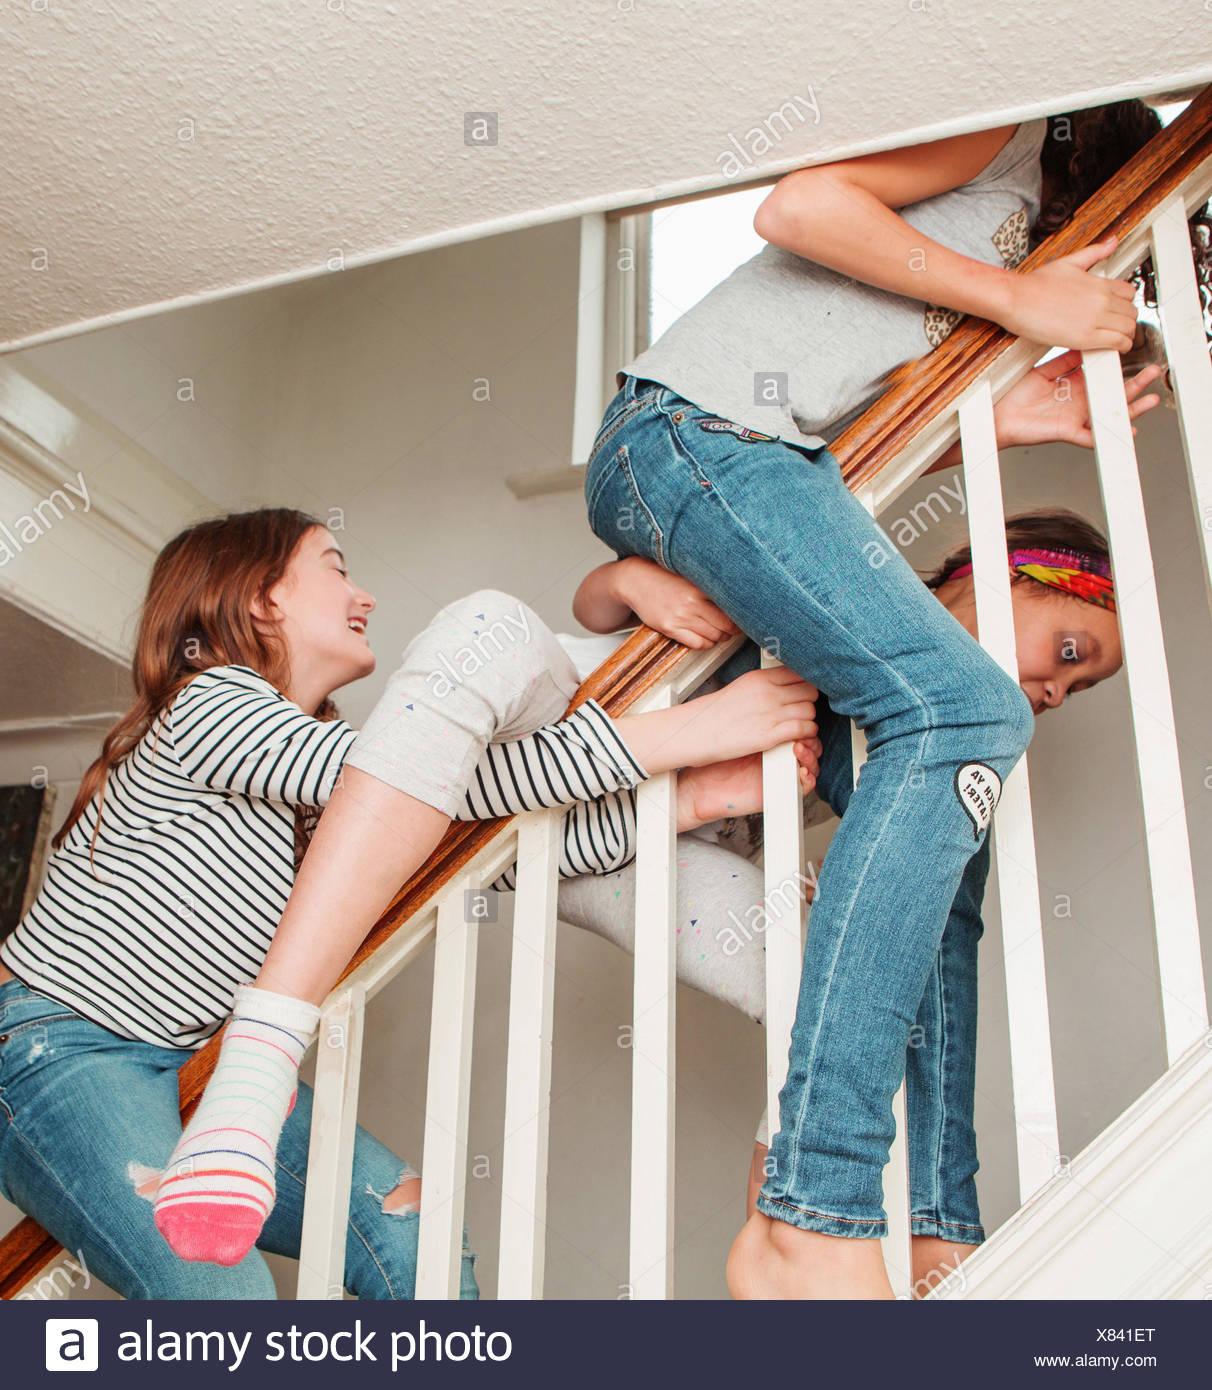 Girls Sliding Down Banister Stock Photo: 280372144